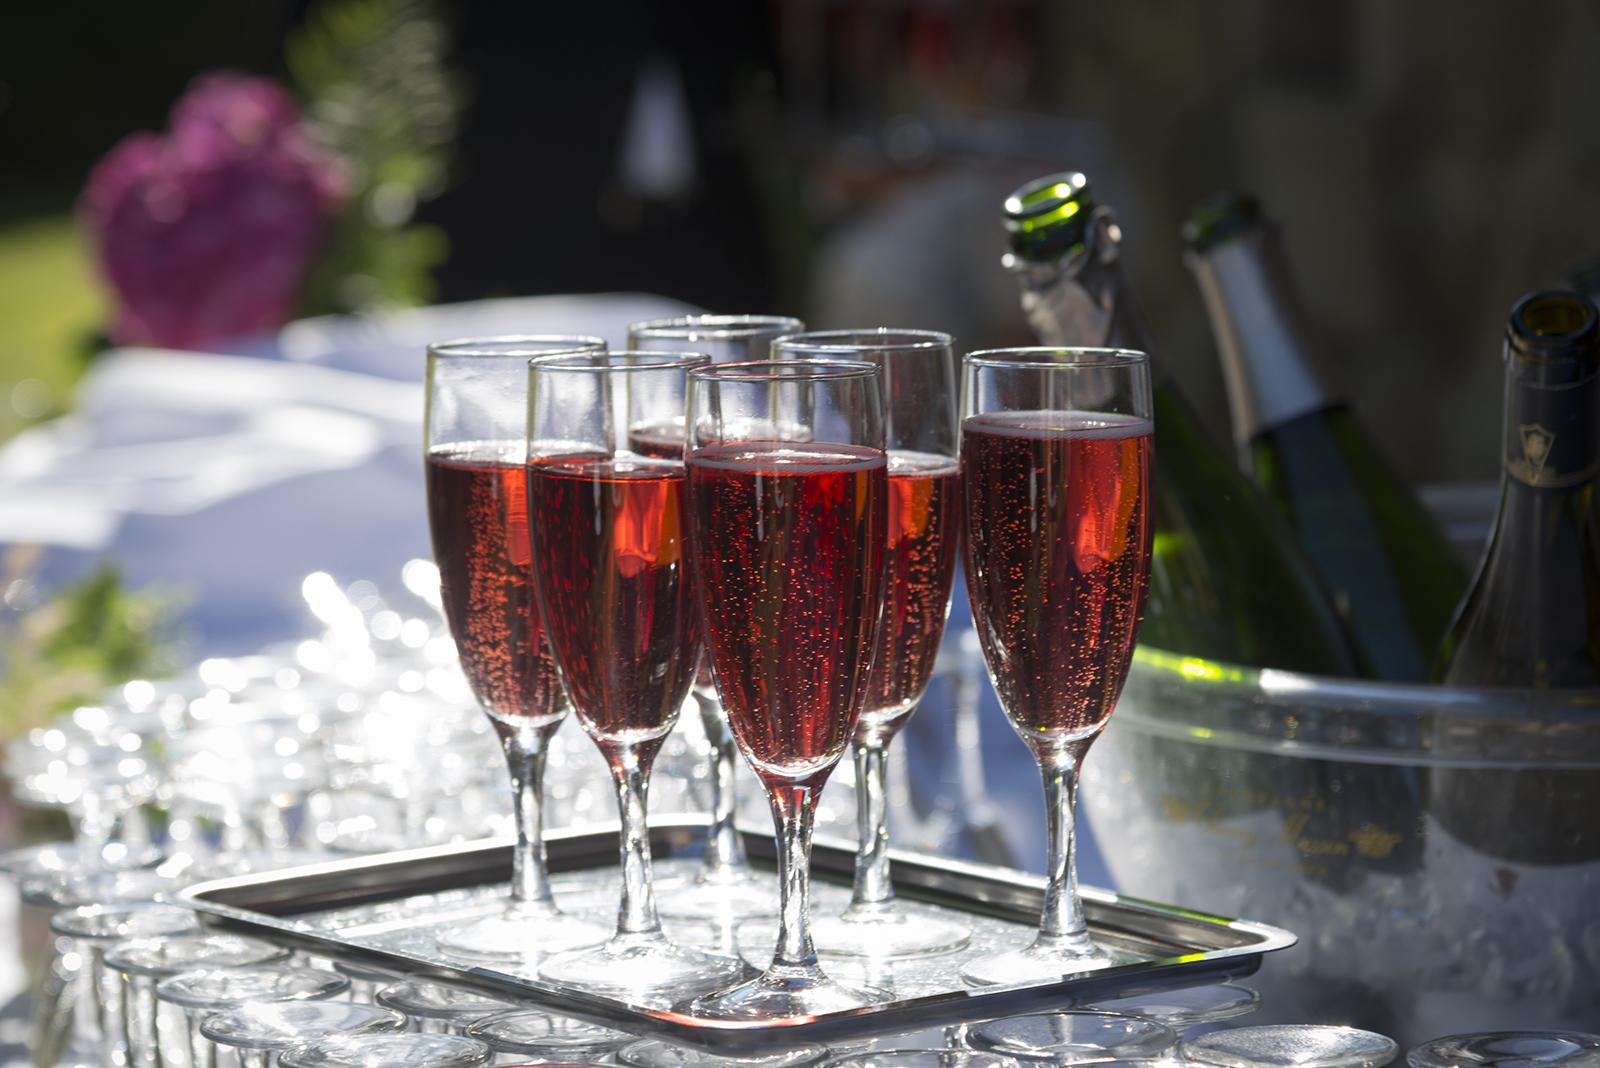 coupes de champagne rosé en contre jour